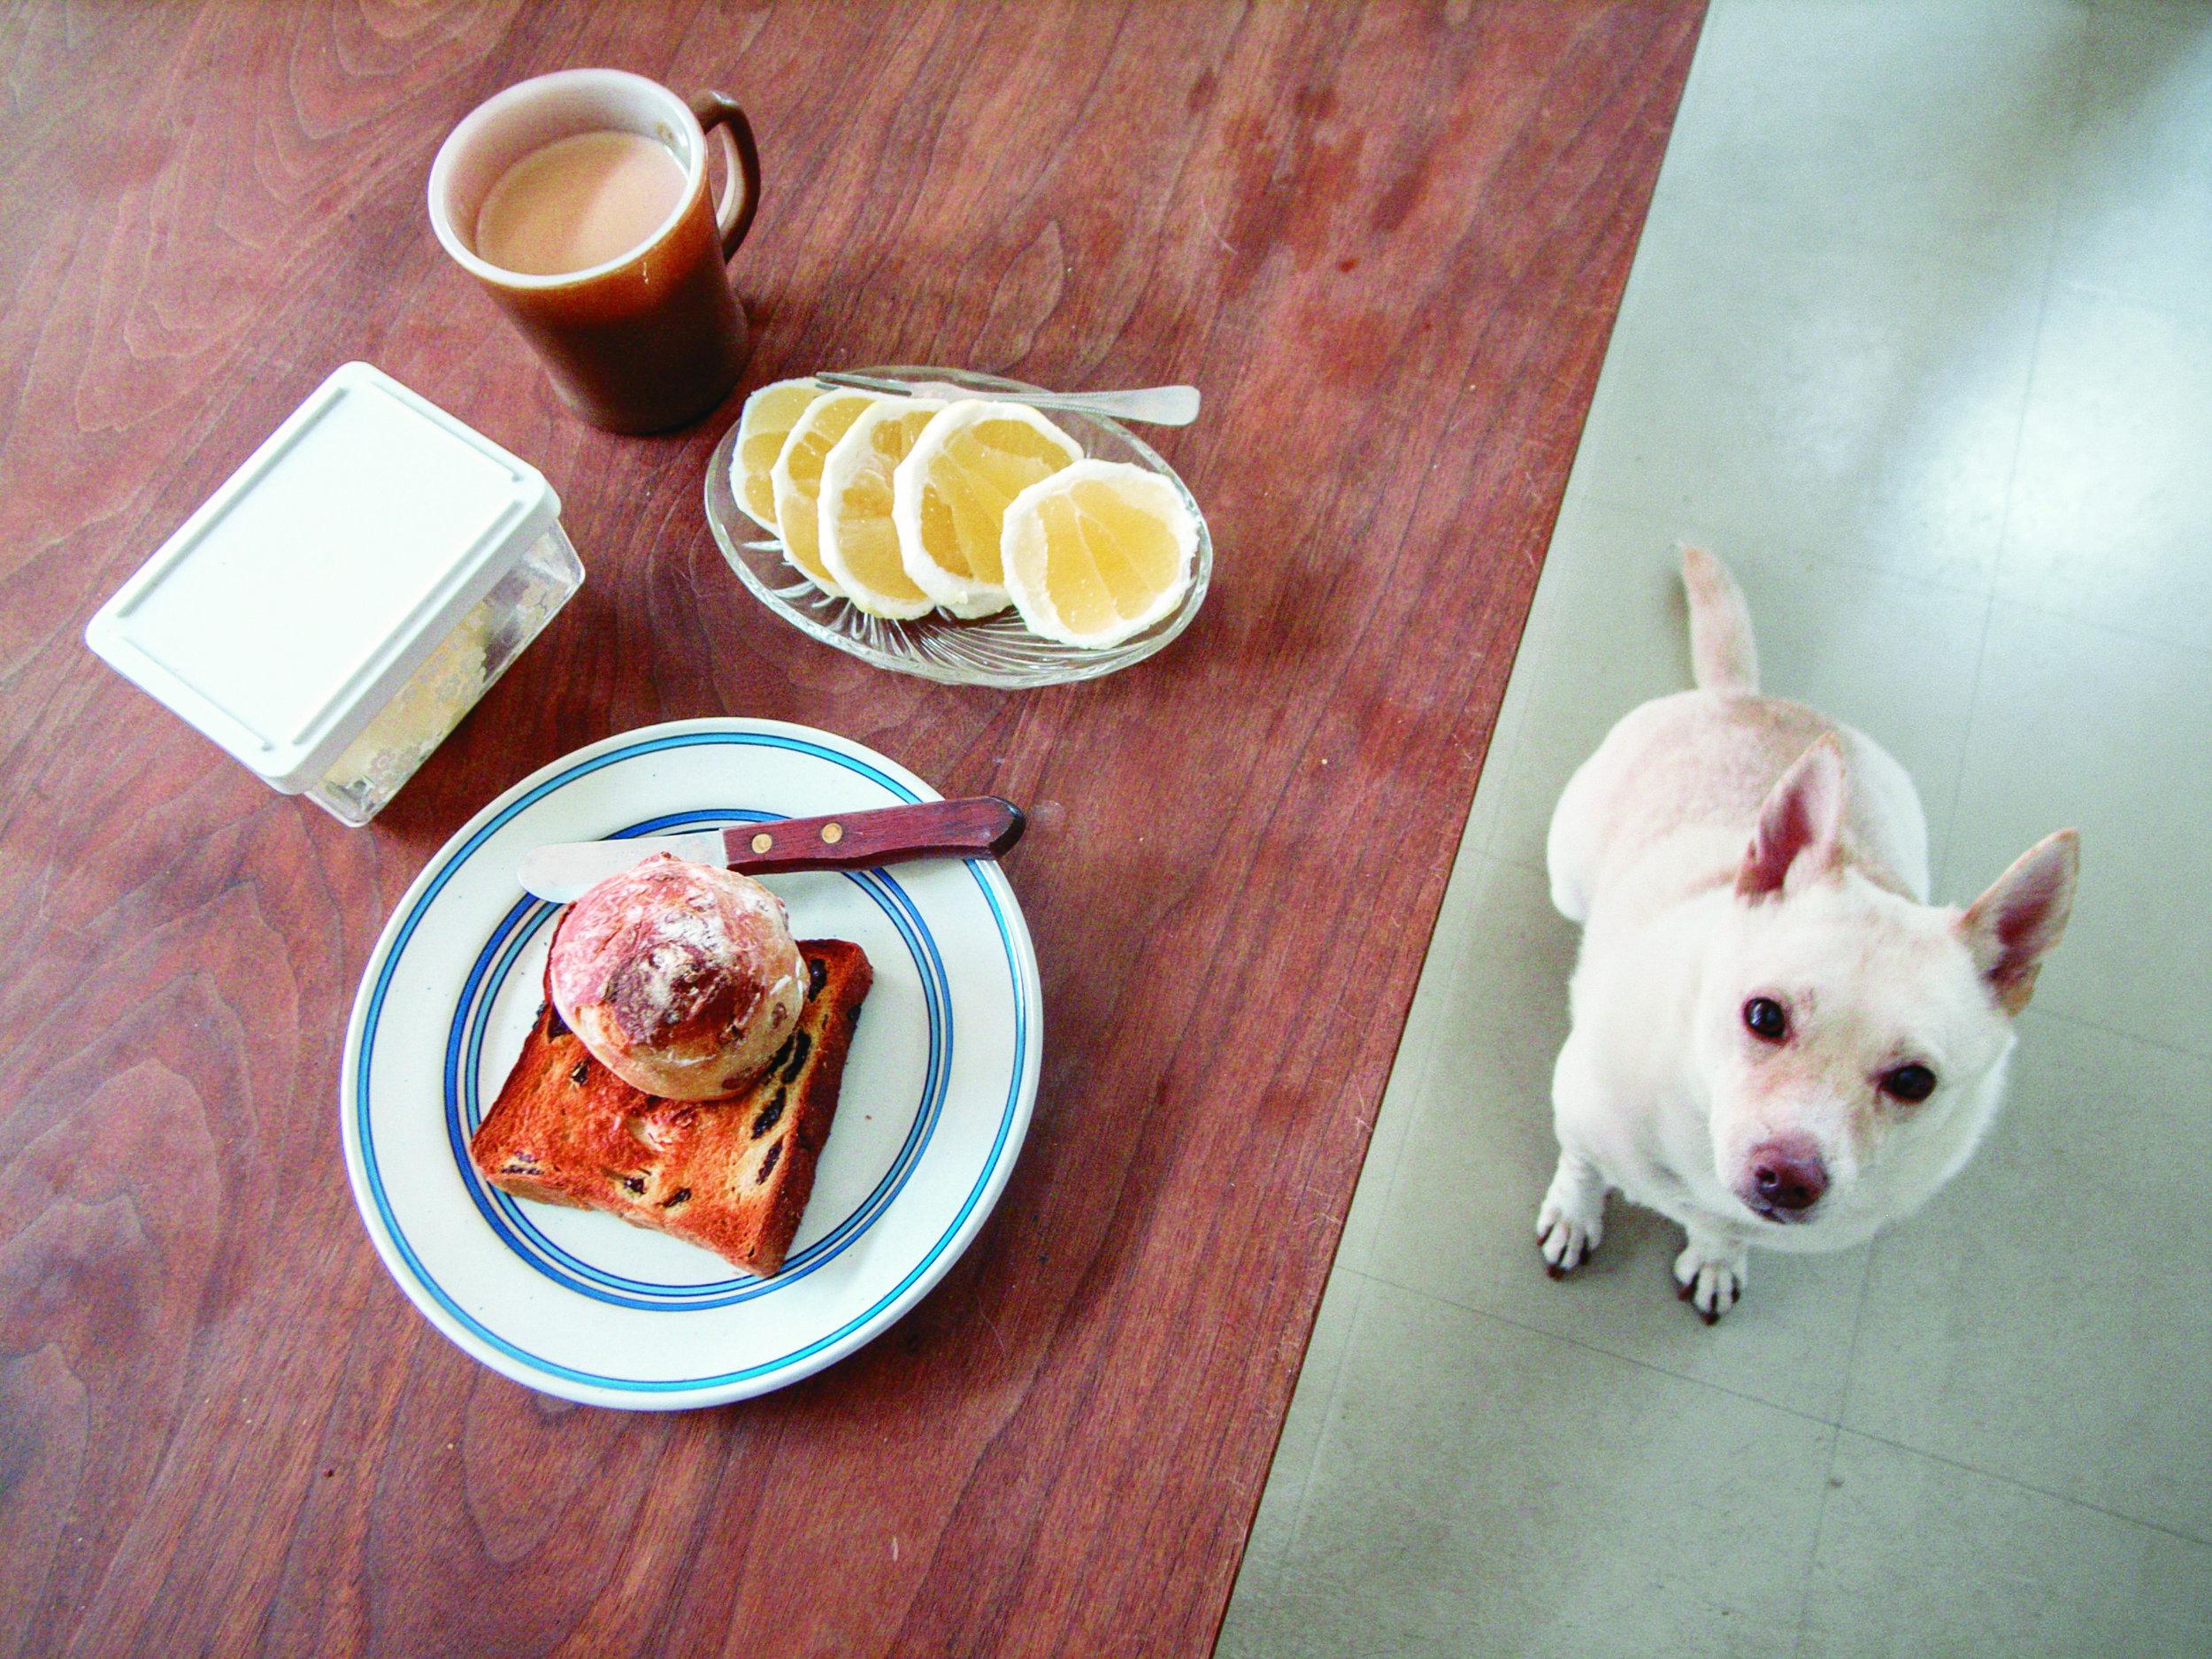 Natsuko Kuwahara ha iniziato a fotografare il suo animale domestico, Kipple, quattro anni e mezzo fa, dopo averla notata in giro durante la colazione. Foto Natsuko Kuwahara / Phaidon.